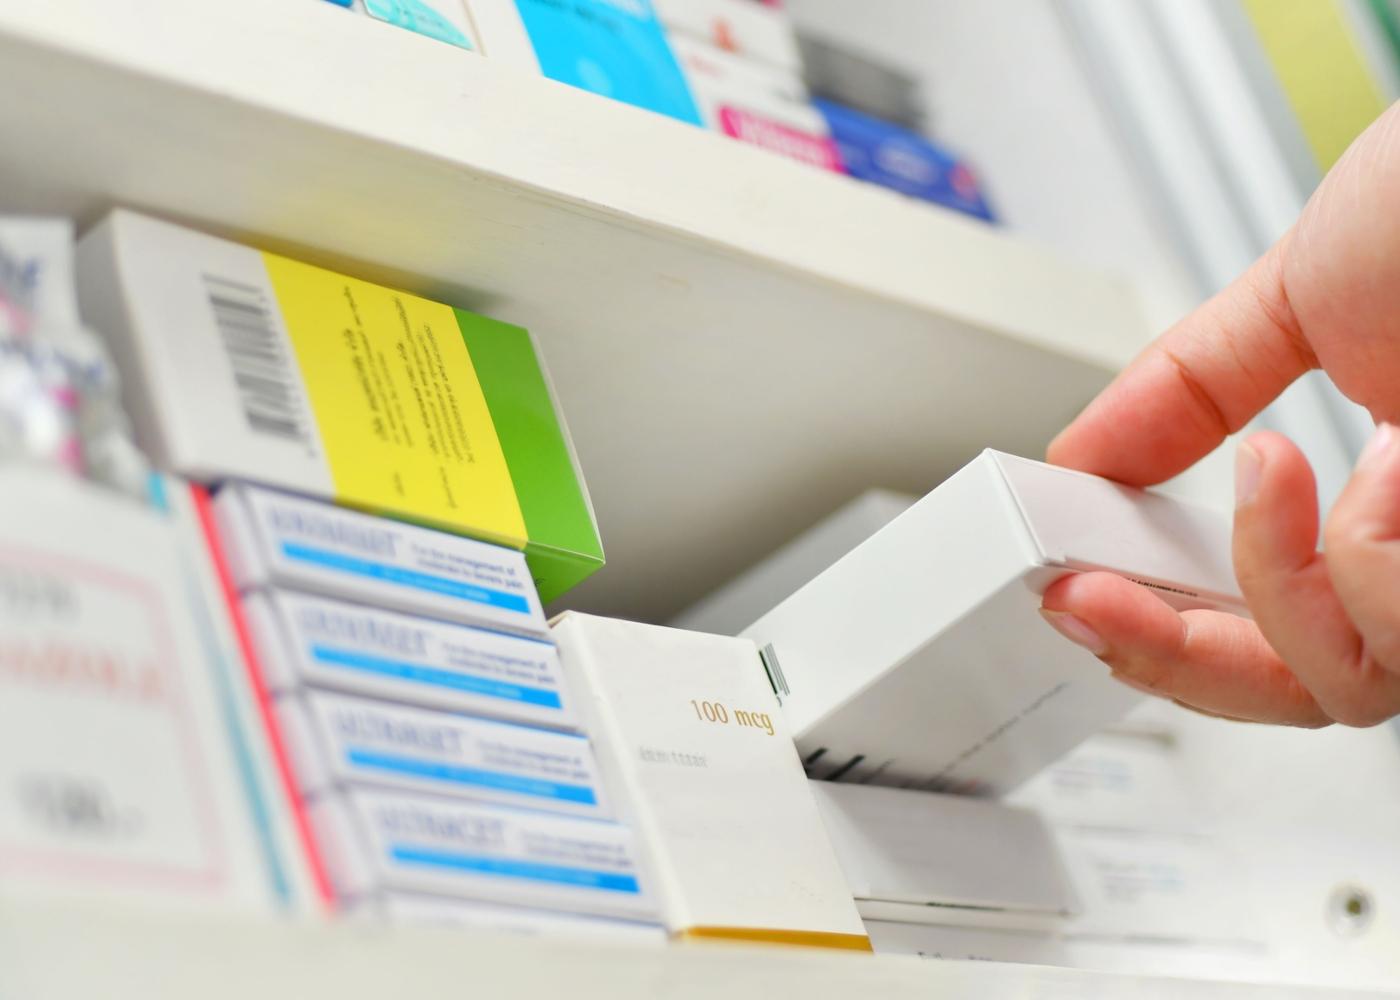 Farmacêutica a vender antibiótico